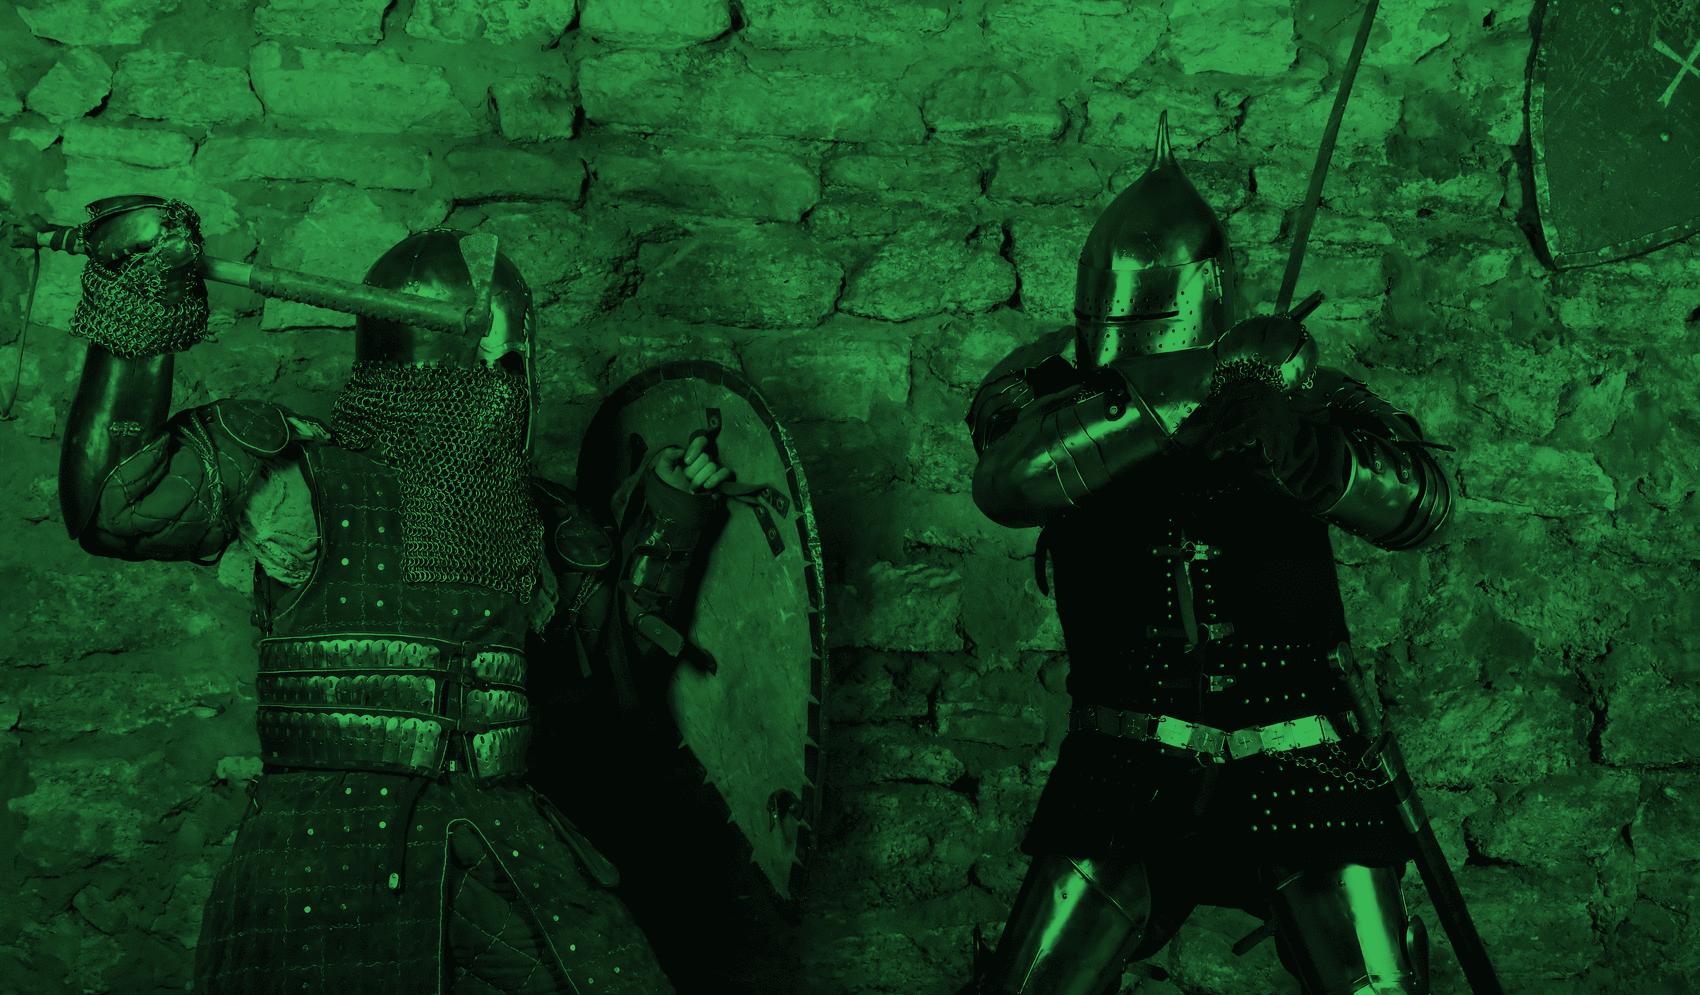 European sword fighting